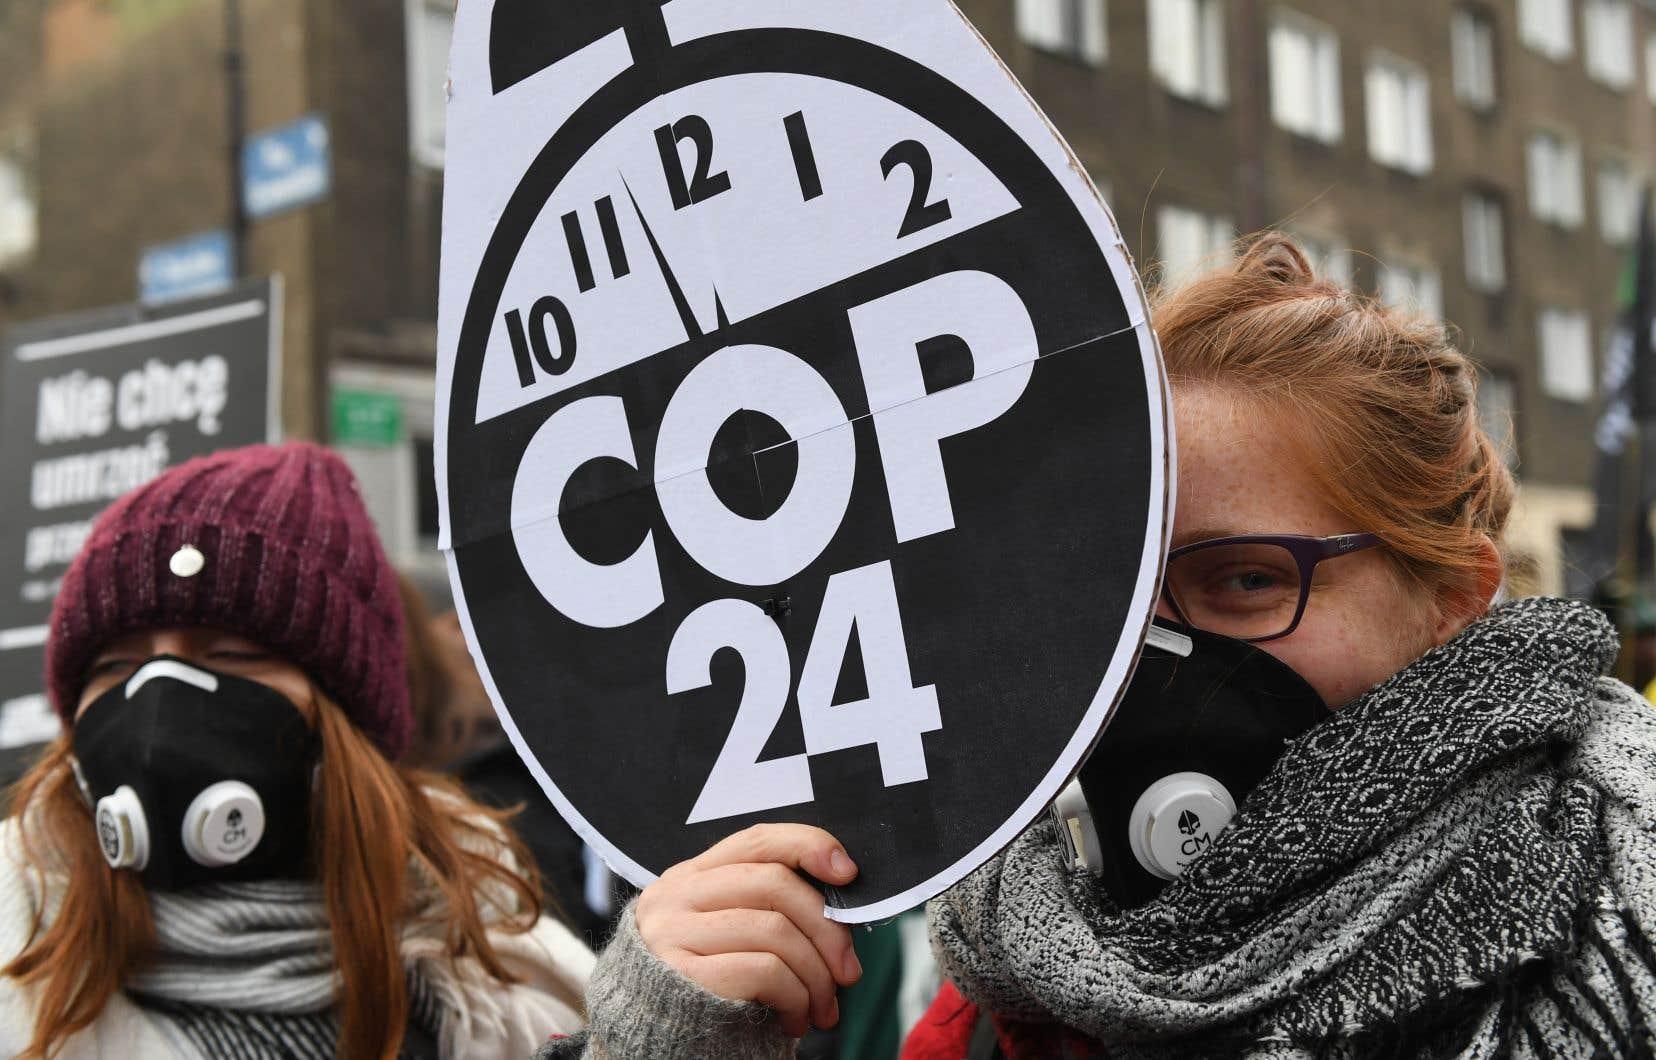 Les États-Unis et l'Arabie Saoudite se sont retrouvés lundi sous le feu des critiques à la COP24, où ils sont accusés de soutenir les énergies fossiles responsables des changements climatiques.